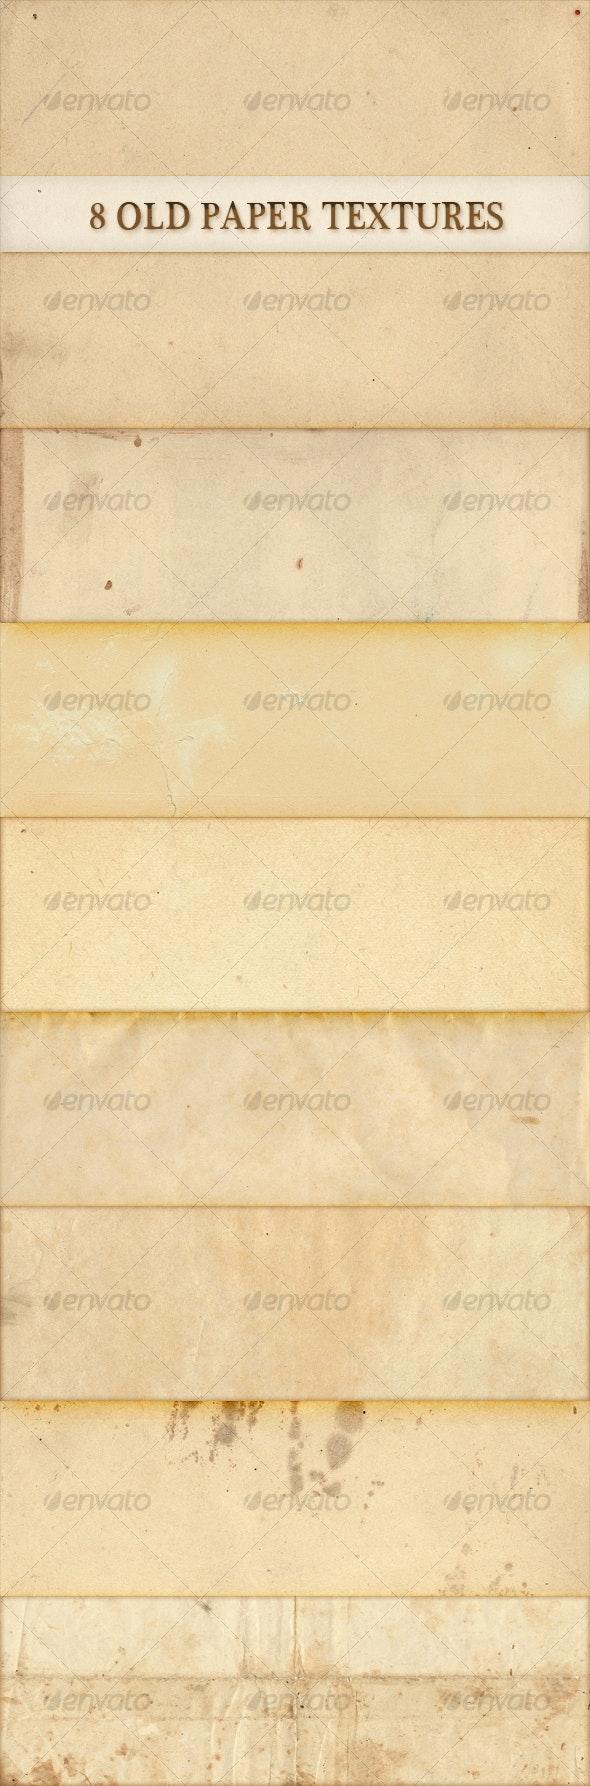 8 old paper textures - Paper Textures